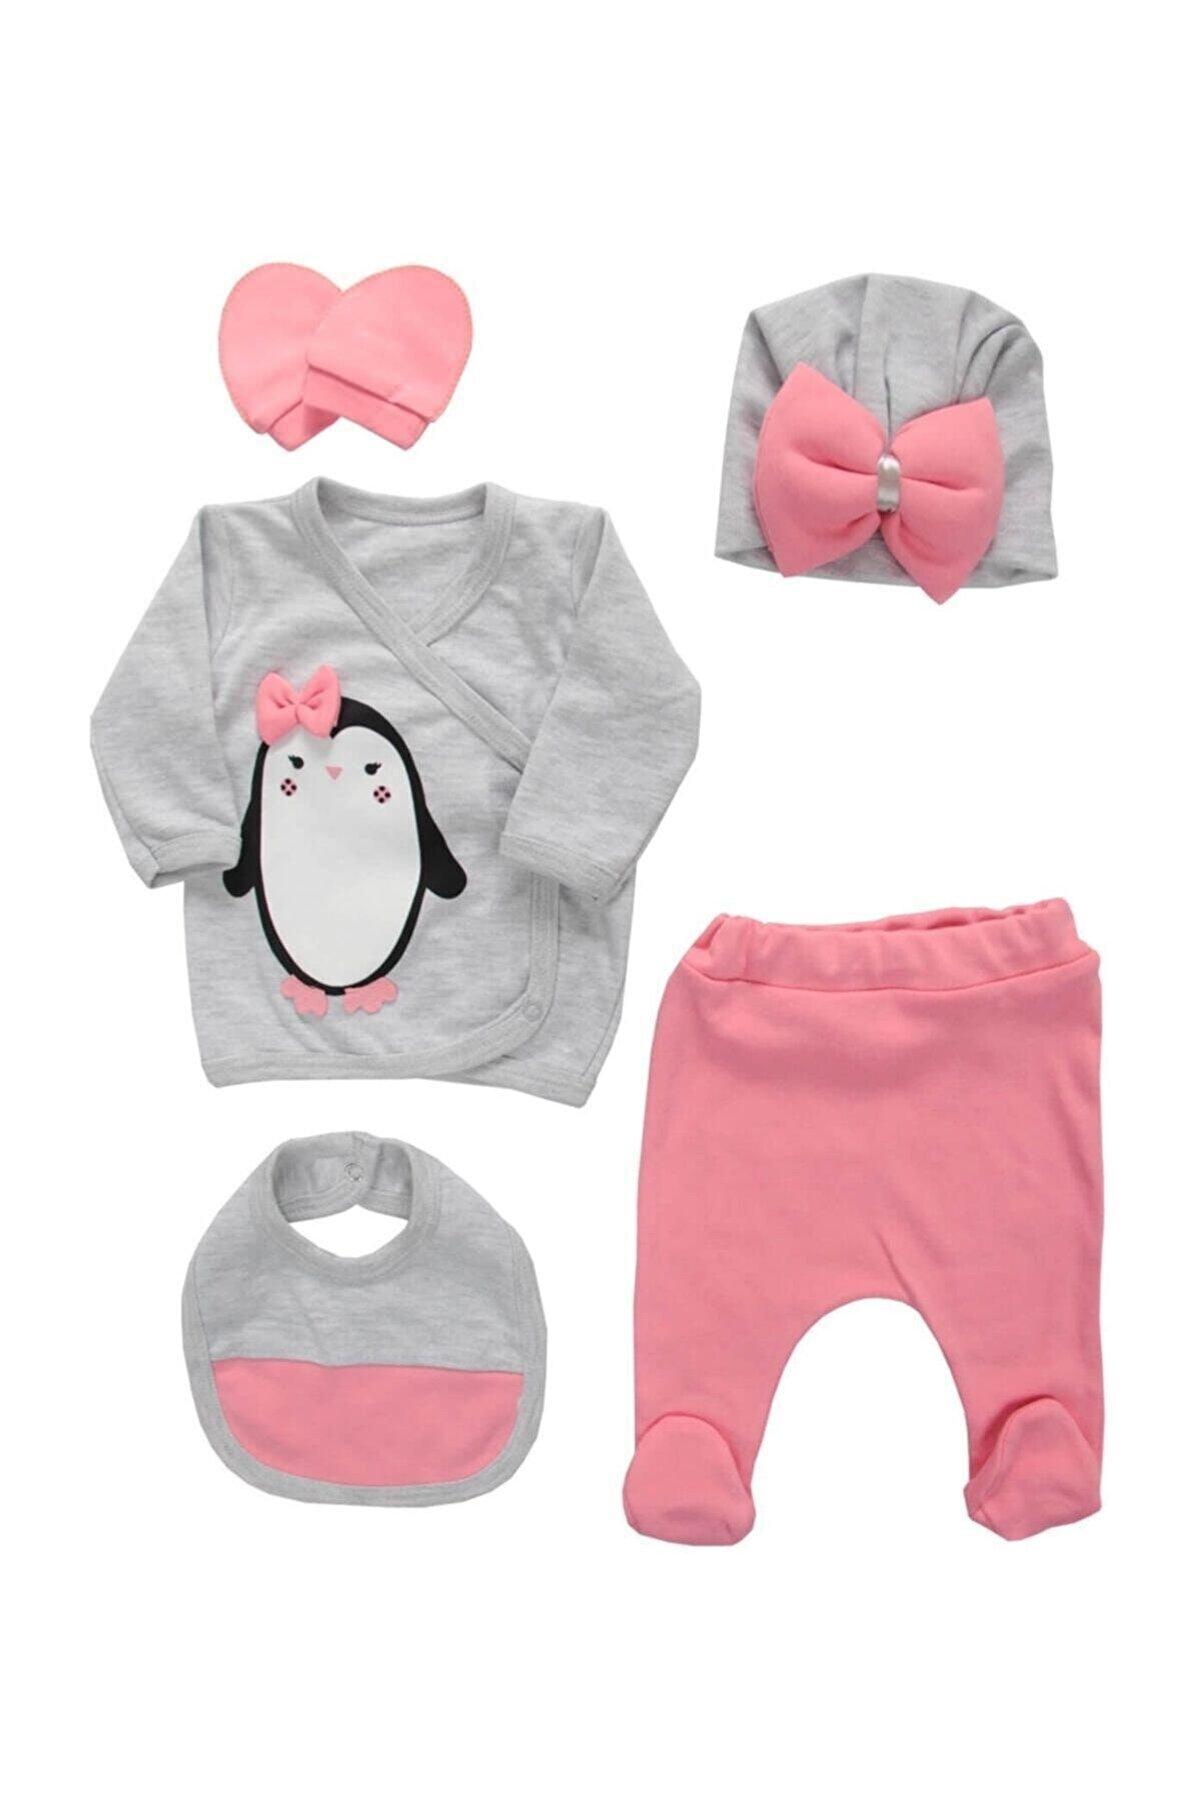 Nonna Baby Penguenli Kız Bebek 5 Li Hastane Çıkışı P1005651